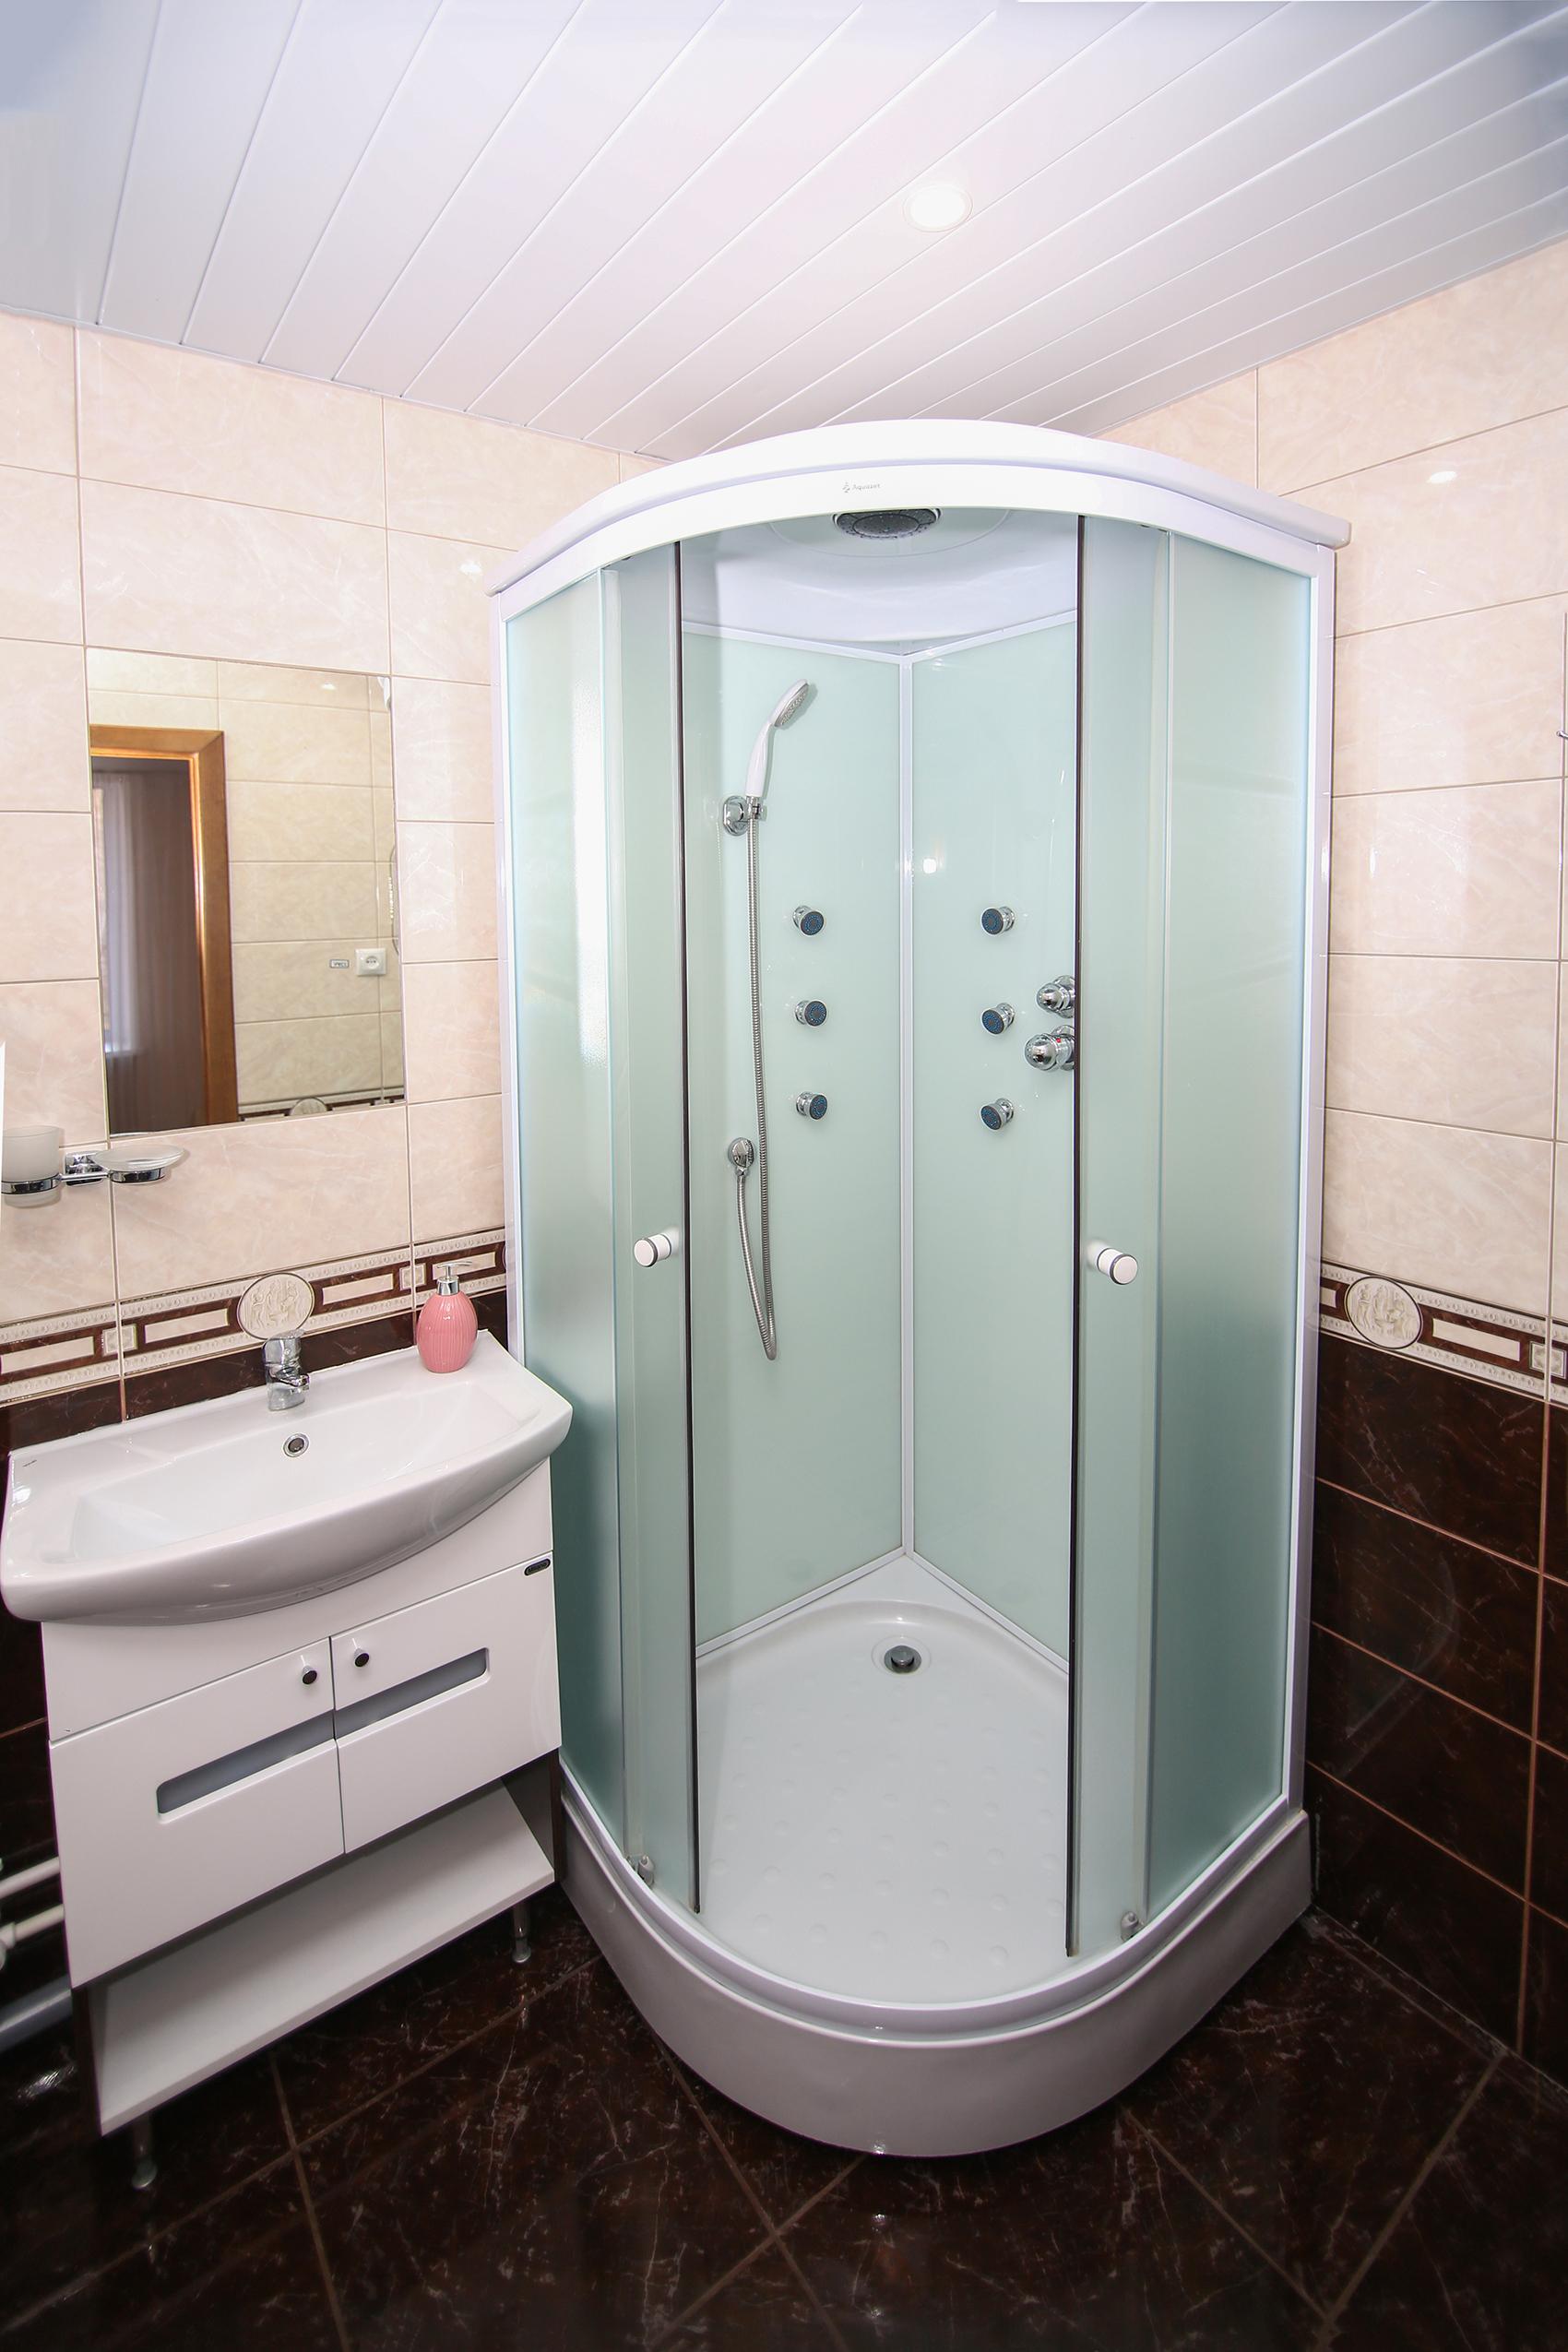 ванна VIP - 1 мал.jpg (2.35 MB)